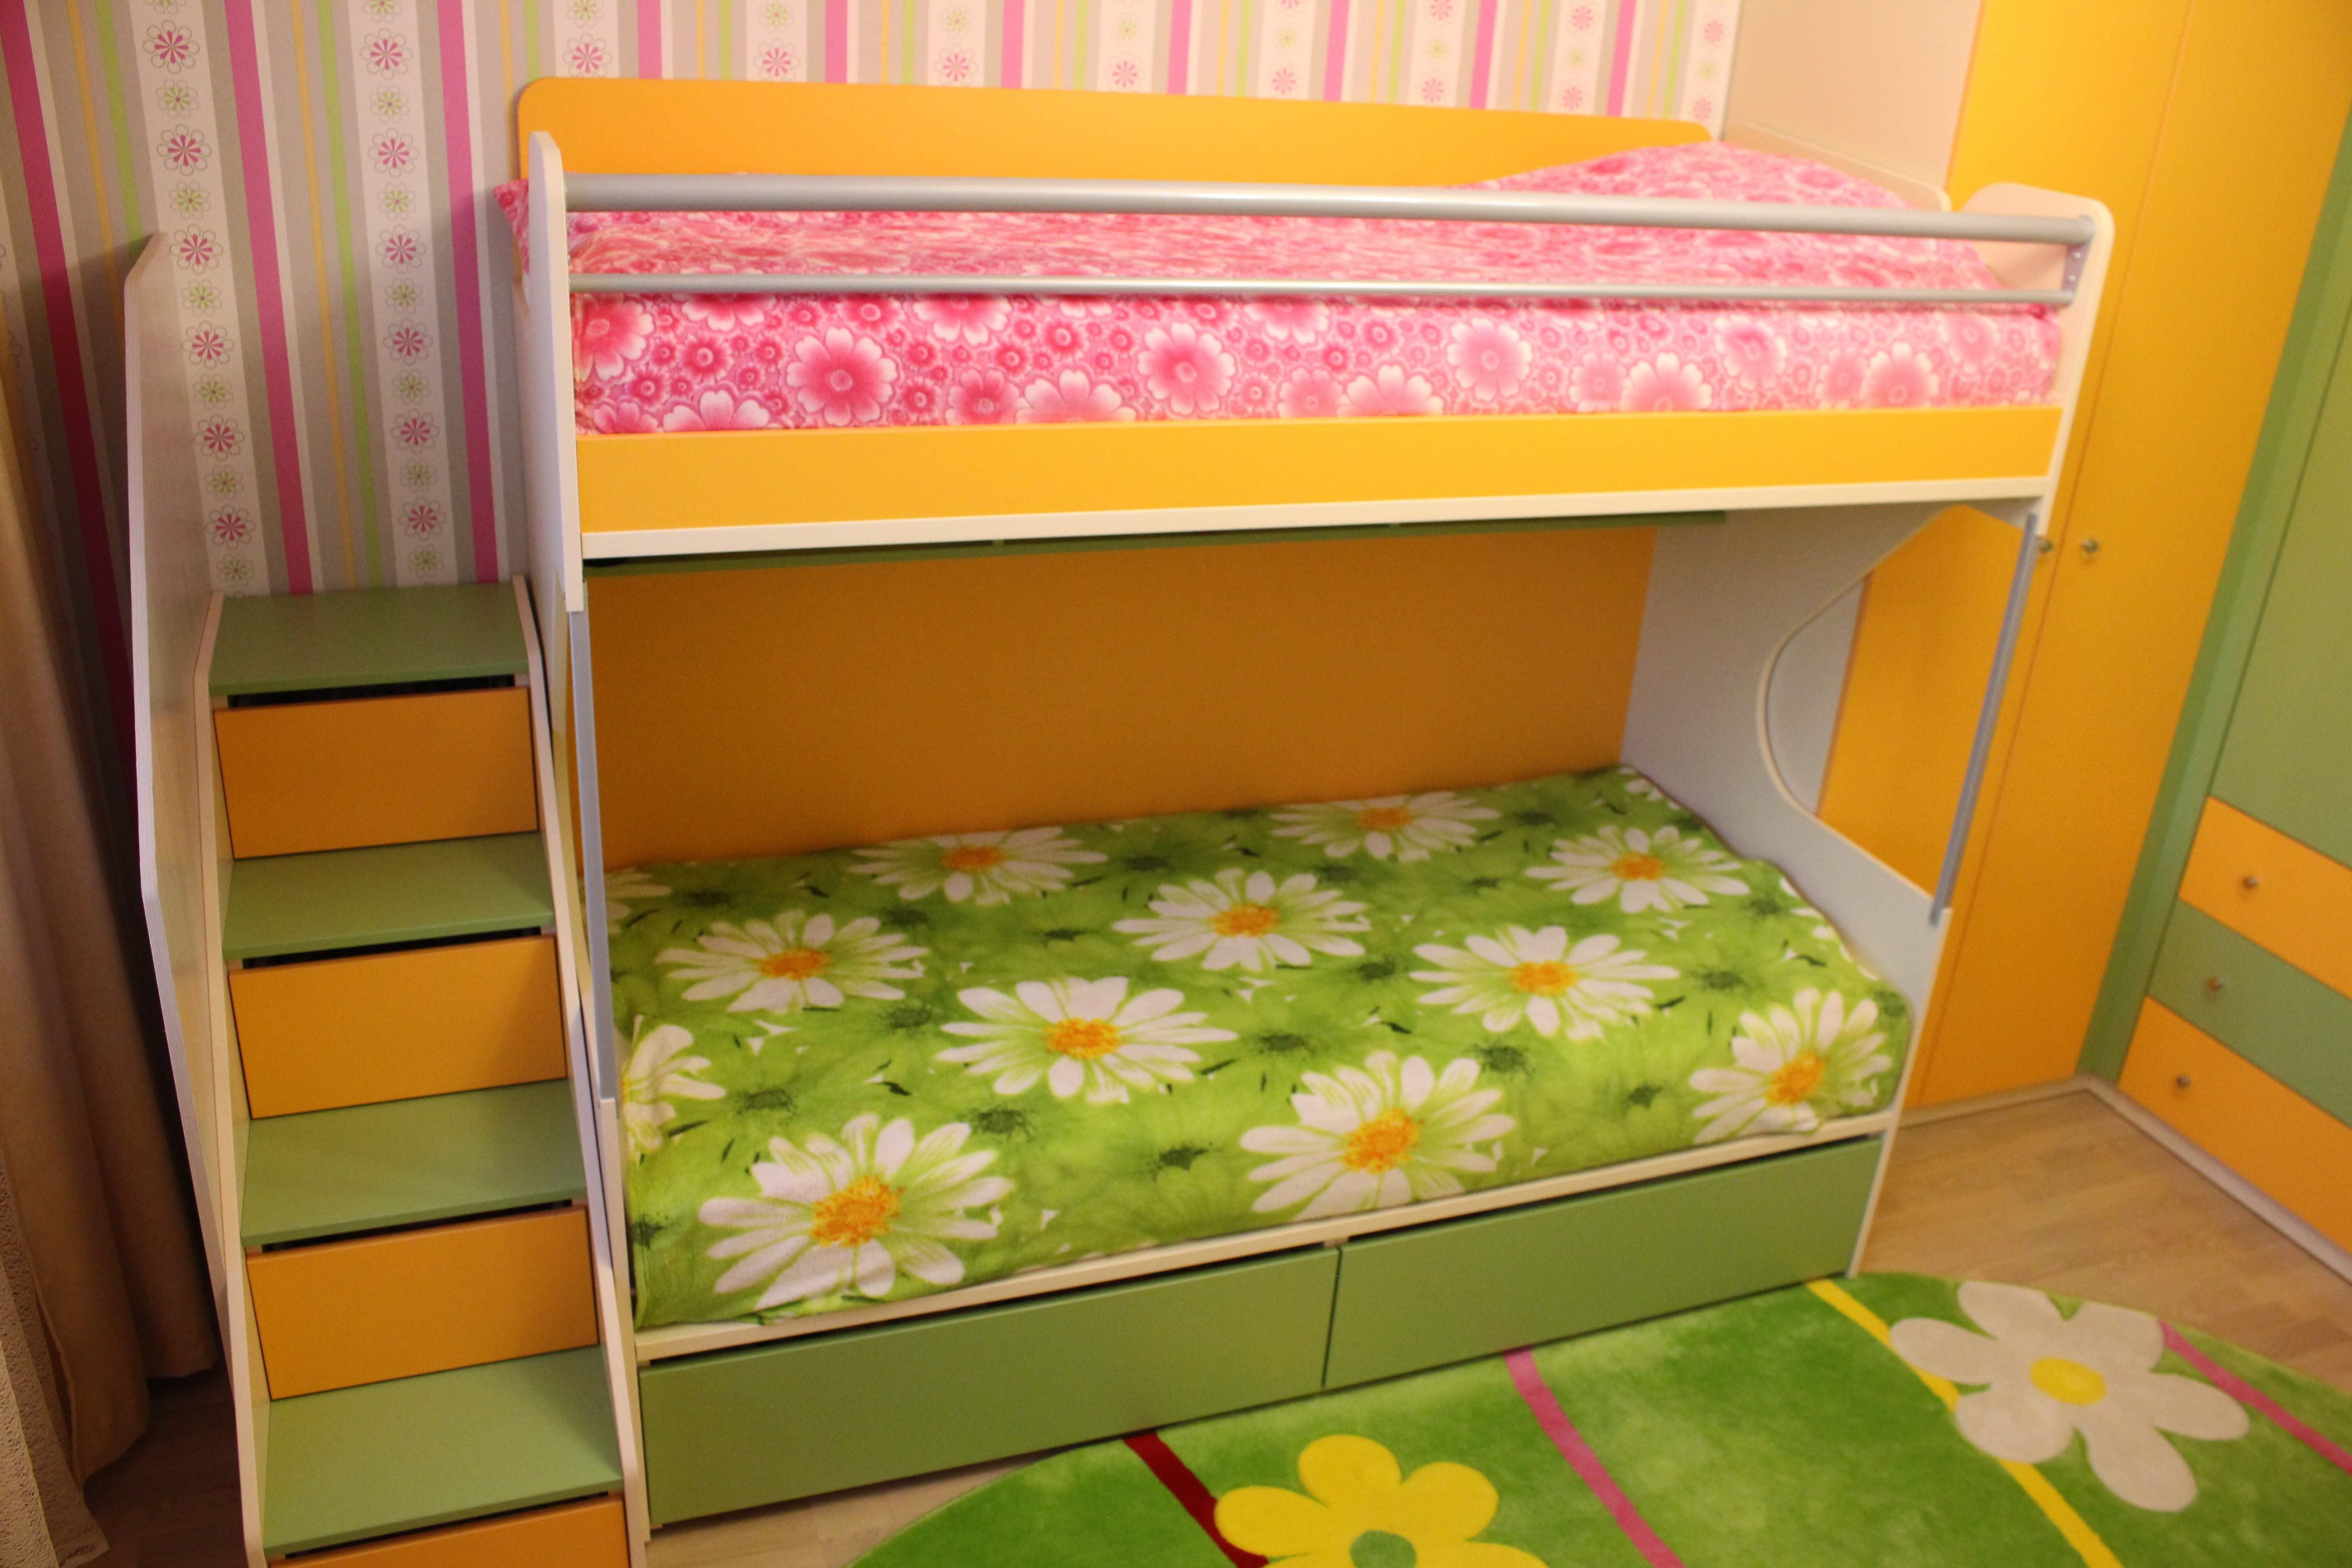 Детская мебель в интерьере - серия Силуэт Софтформ двухярусная кровать со ступеньками